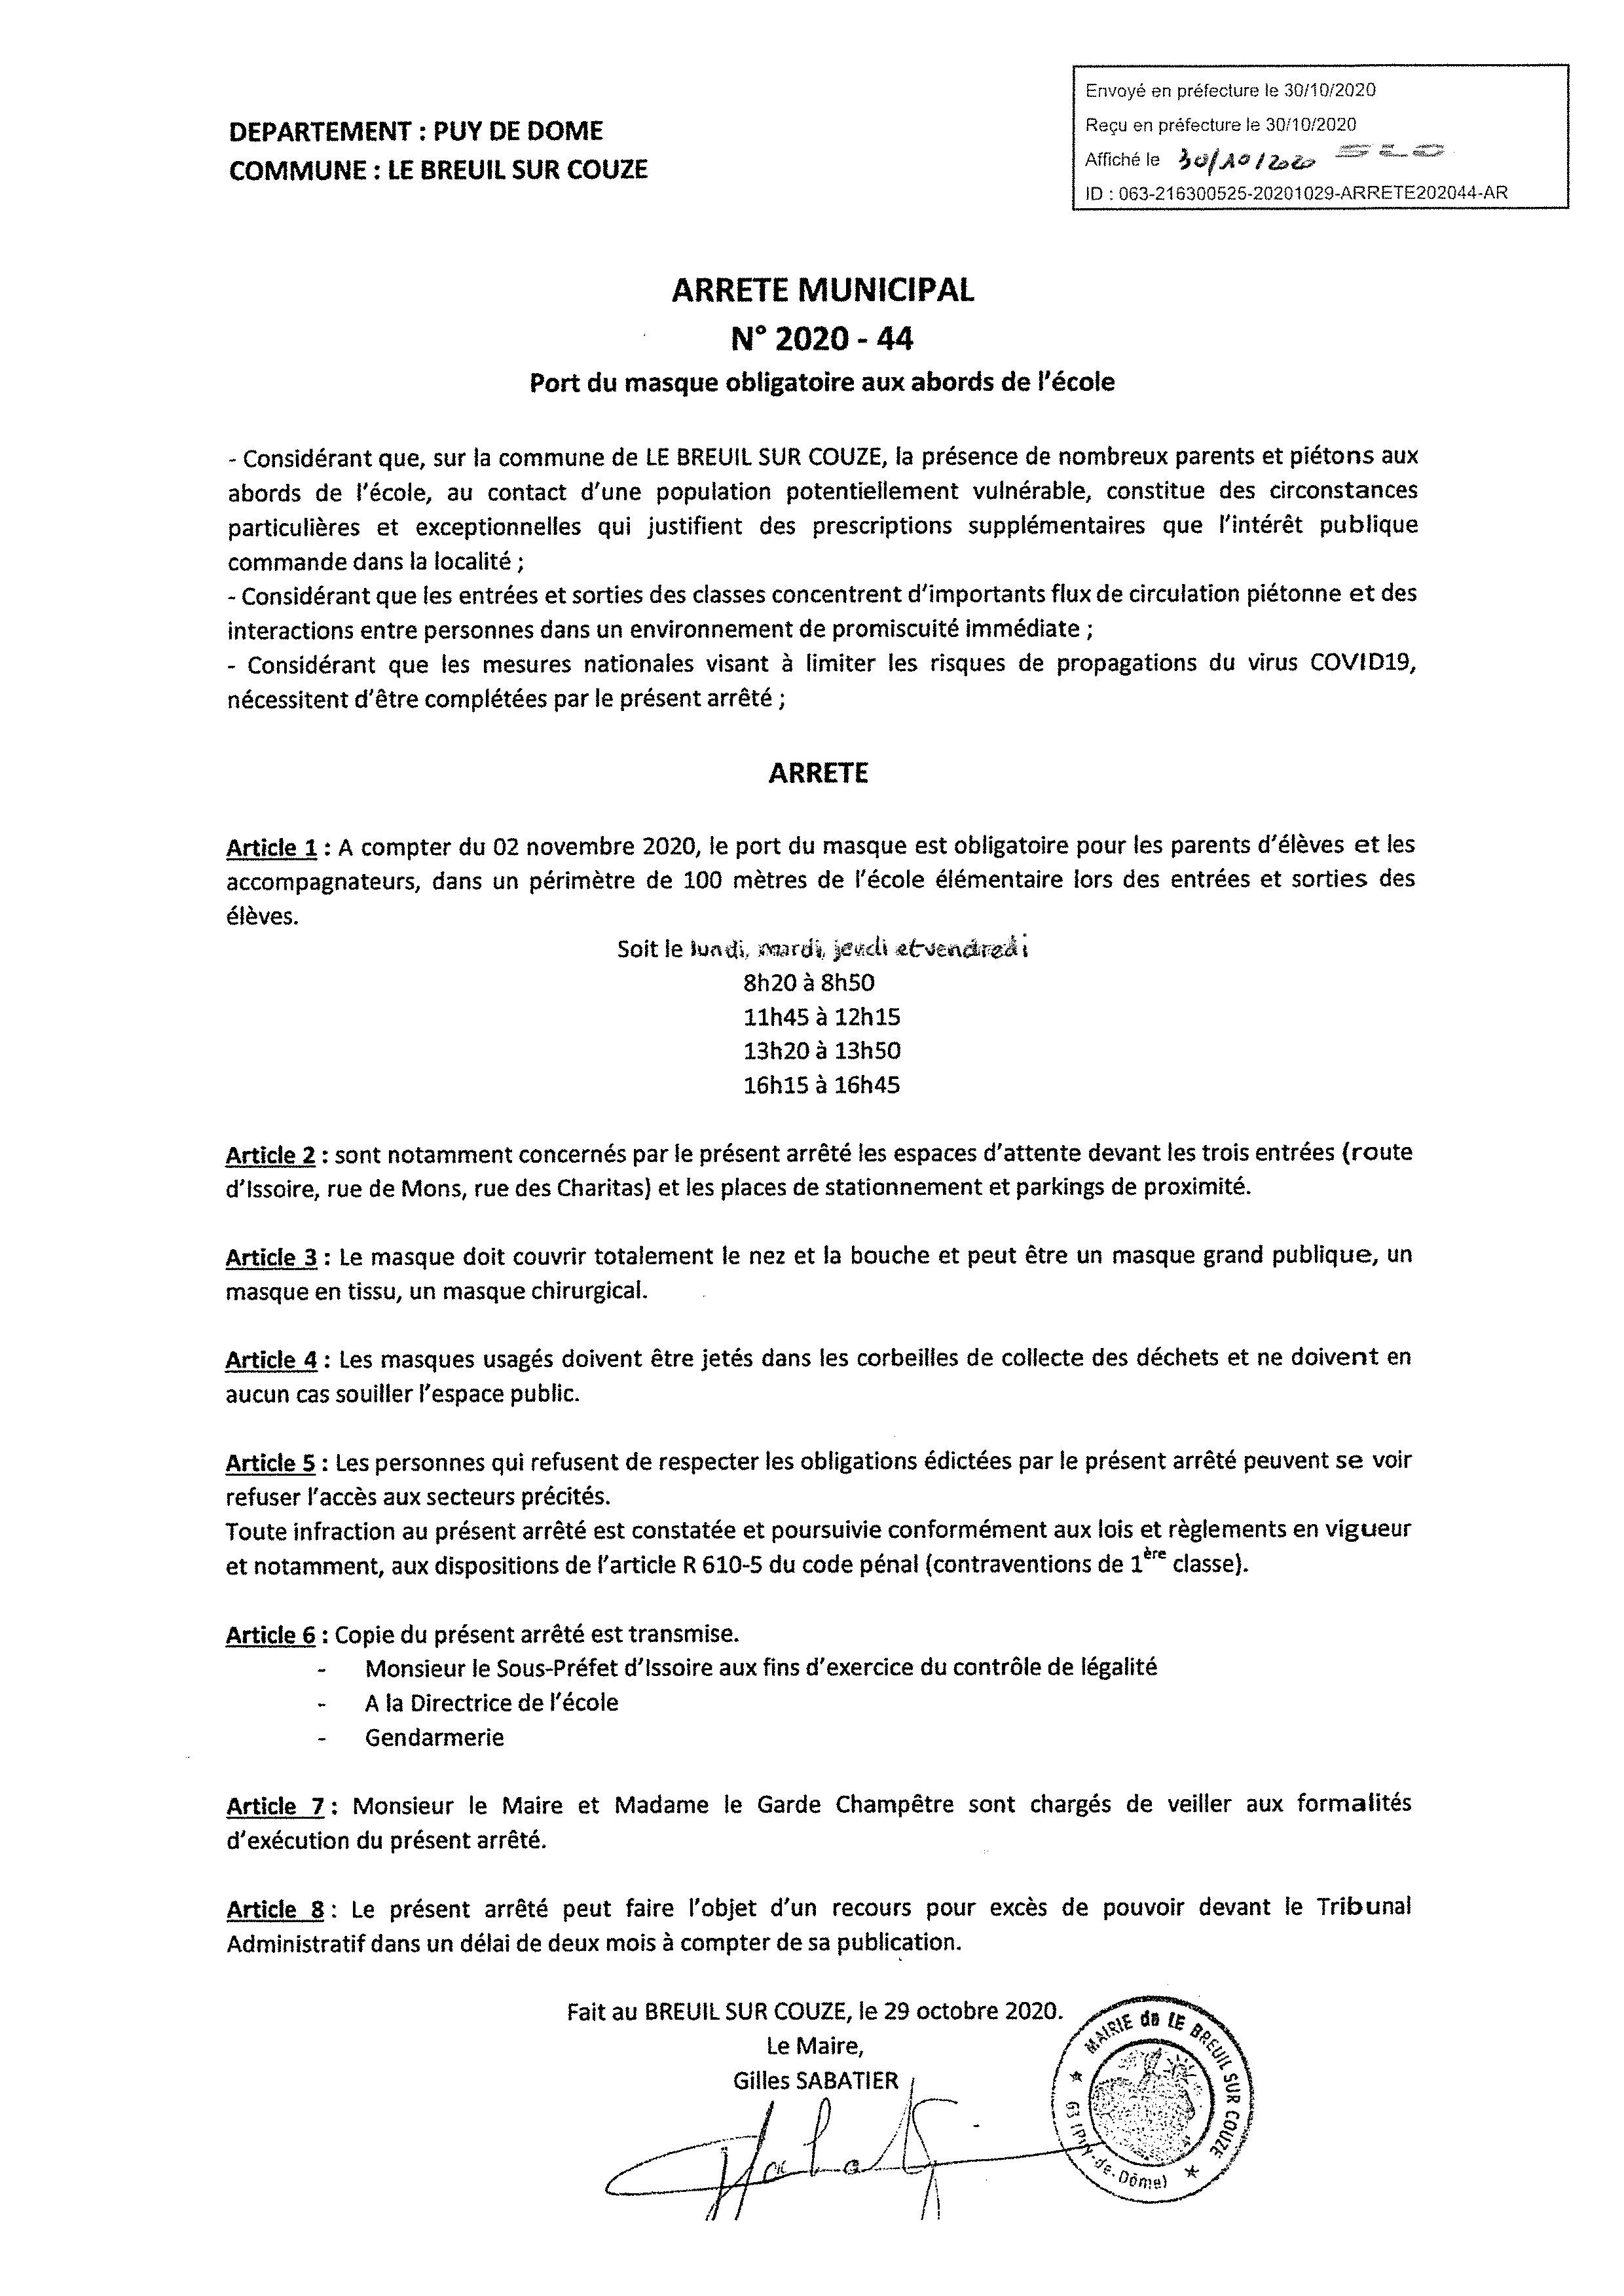 arrete 2020 44 port du masque obligatoire aux abords de l-ecole _1_.jpg